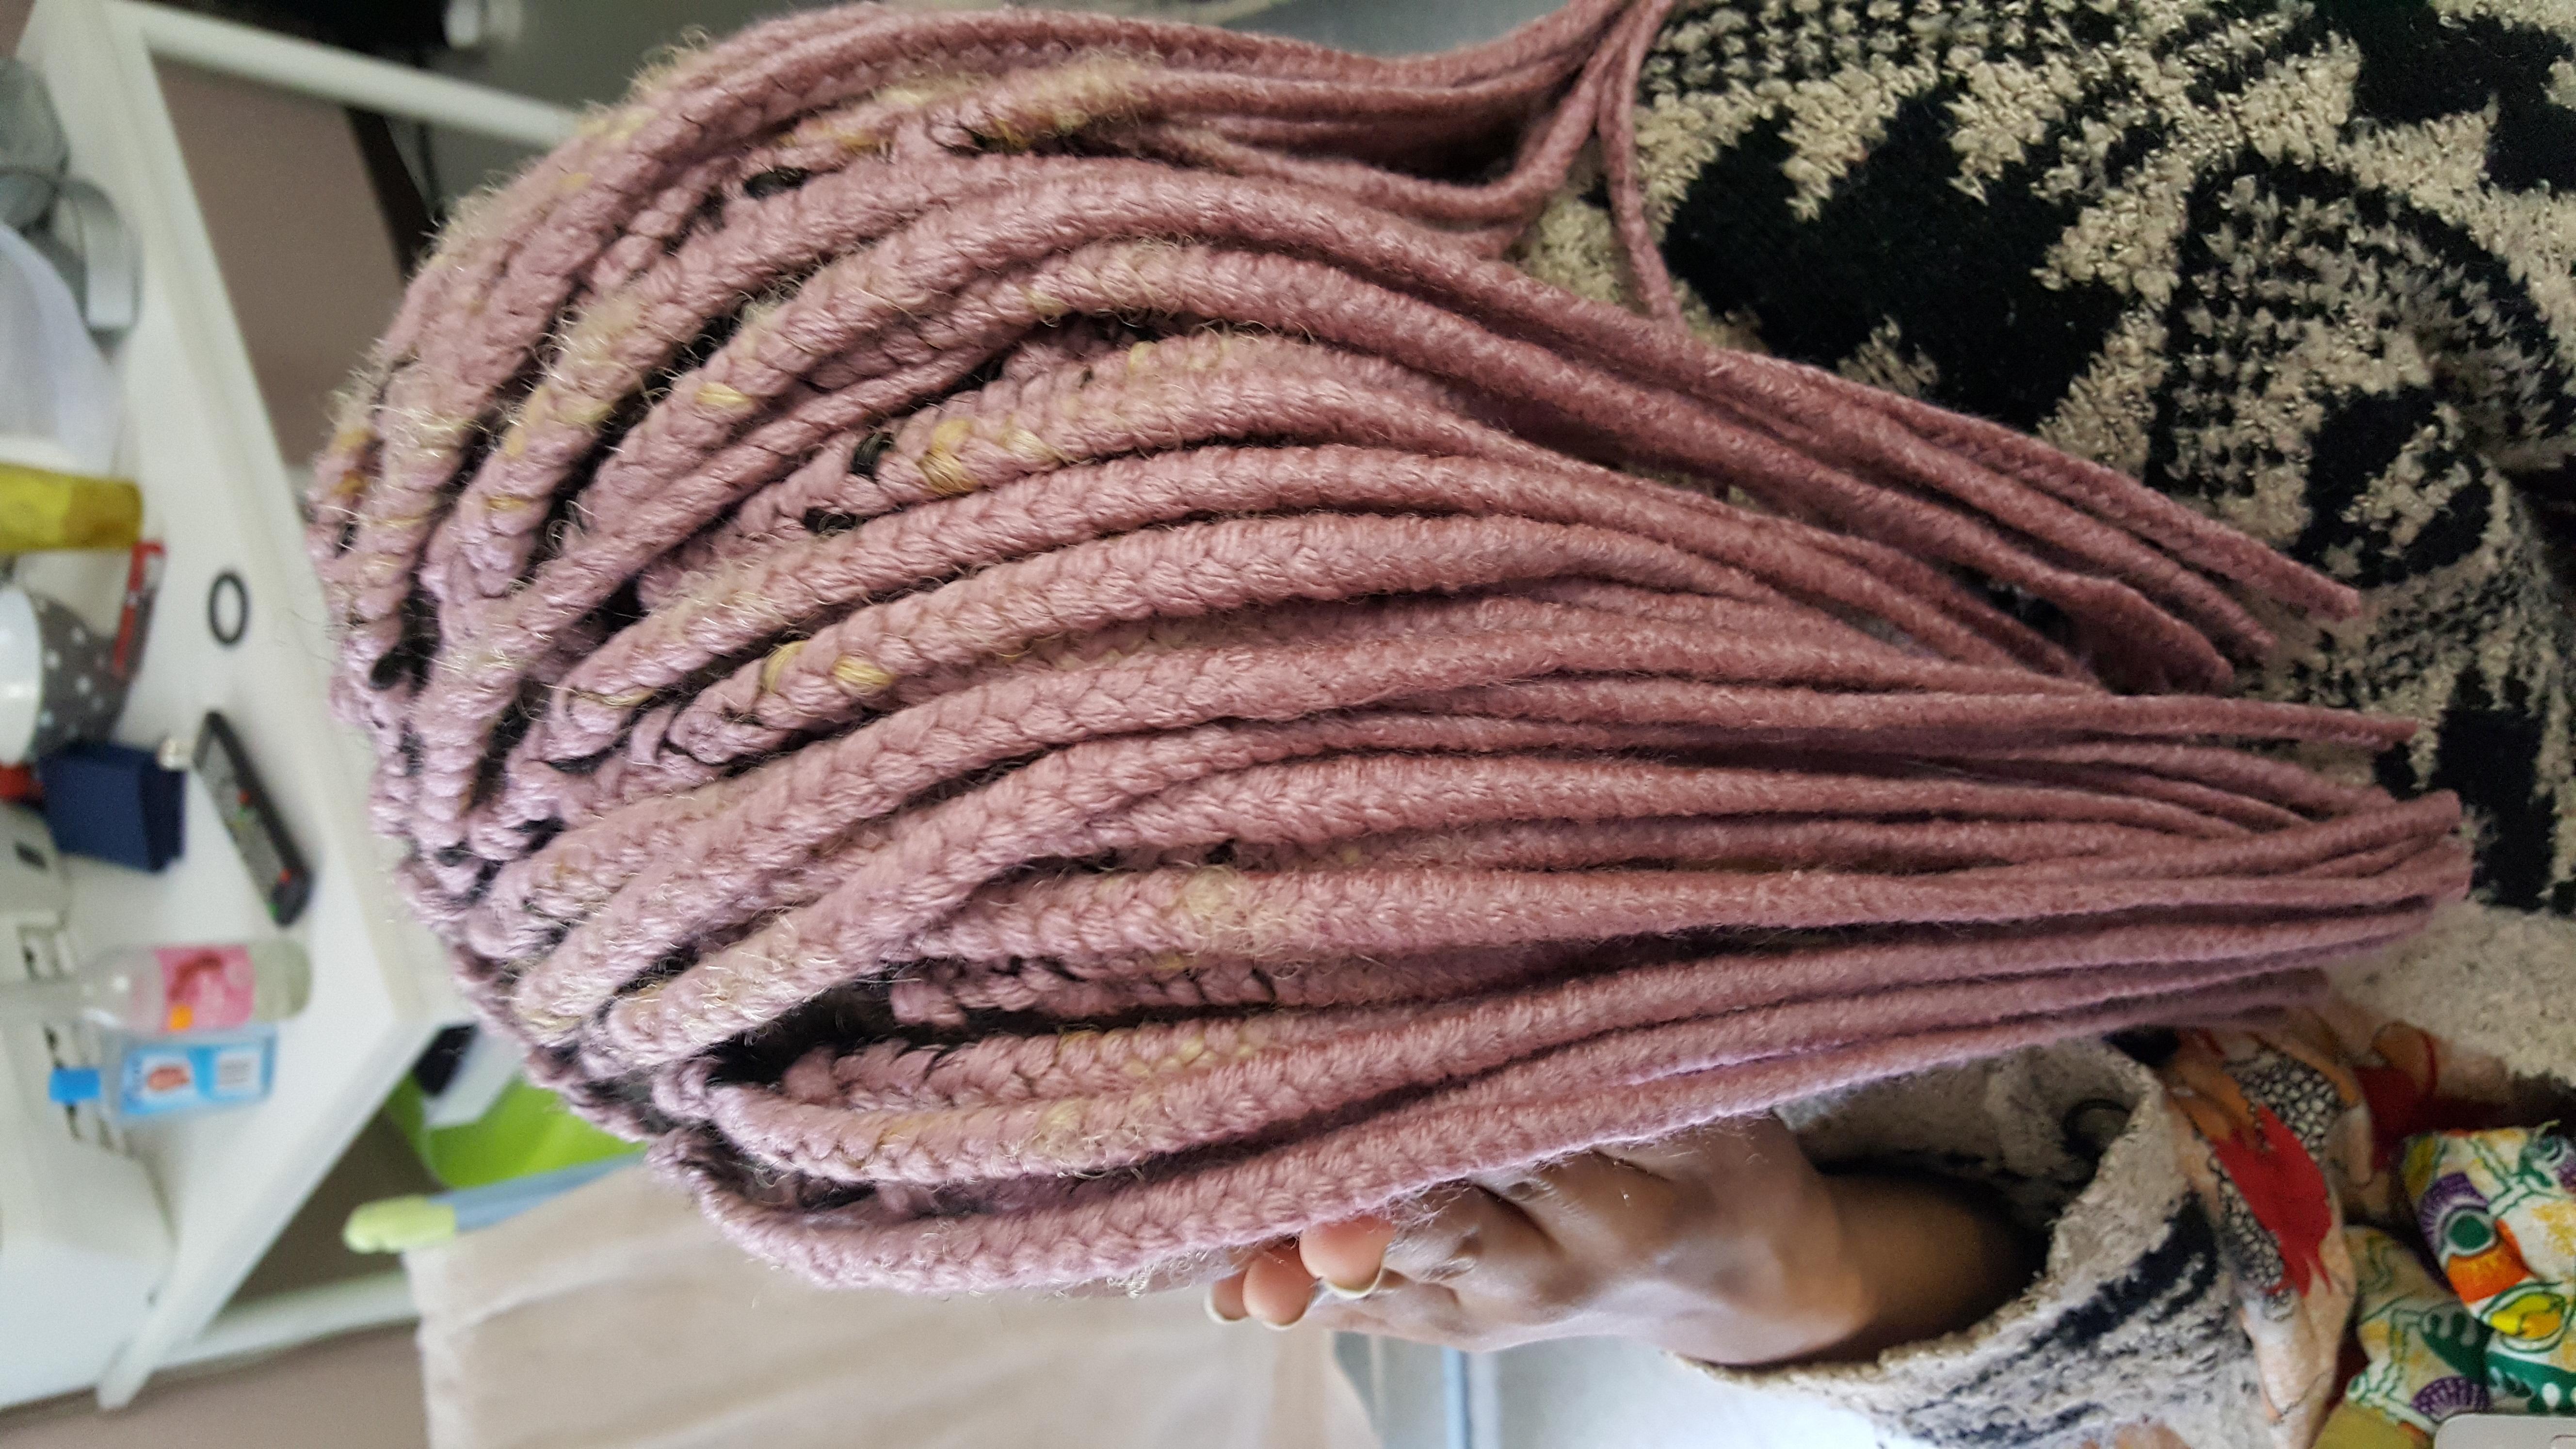 salon de coiffure afro tresse tresses box braids crochet braids vanilles tissages paris 75 77 78 91 92 93 94 95 QSNMNOPP